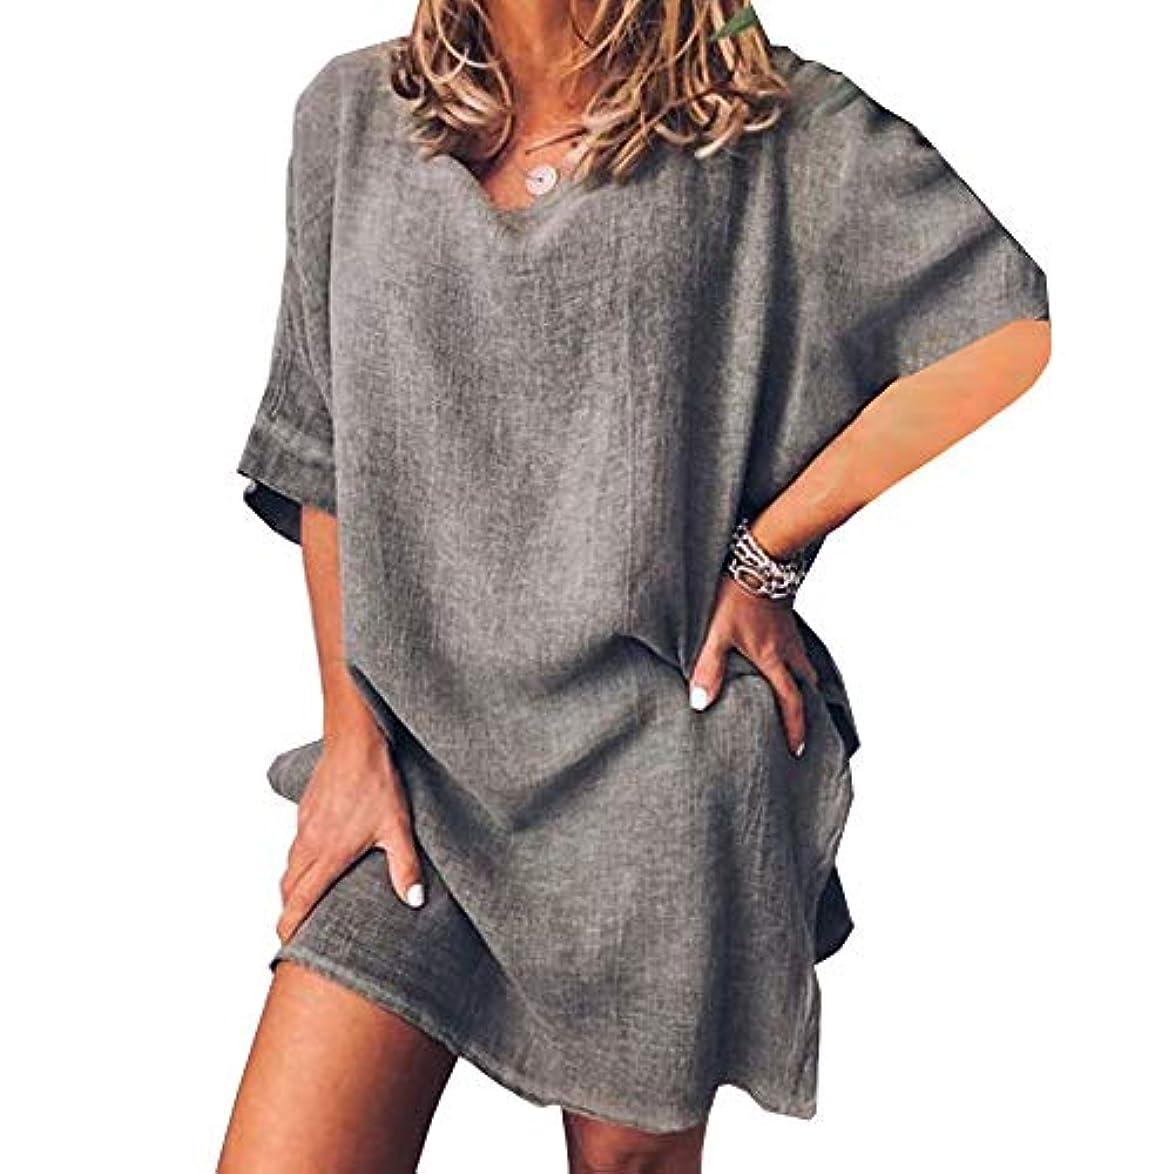 今晩大破補助MIFAN サマードレス、ビーチドレス、ルーズドレス、プラスサイズ、リネンドレス、トップス&ブラウス、女性ドレス、カジュアルドレス